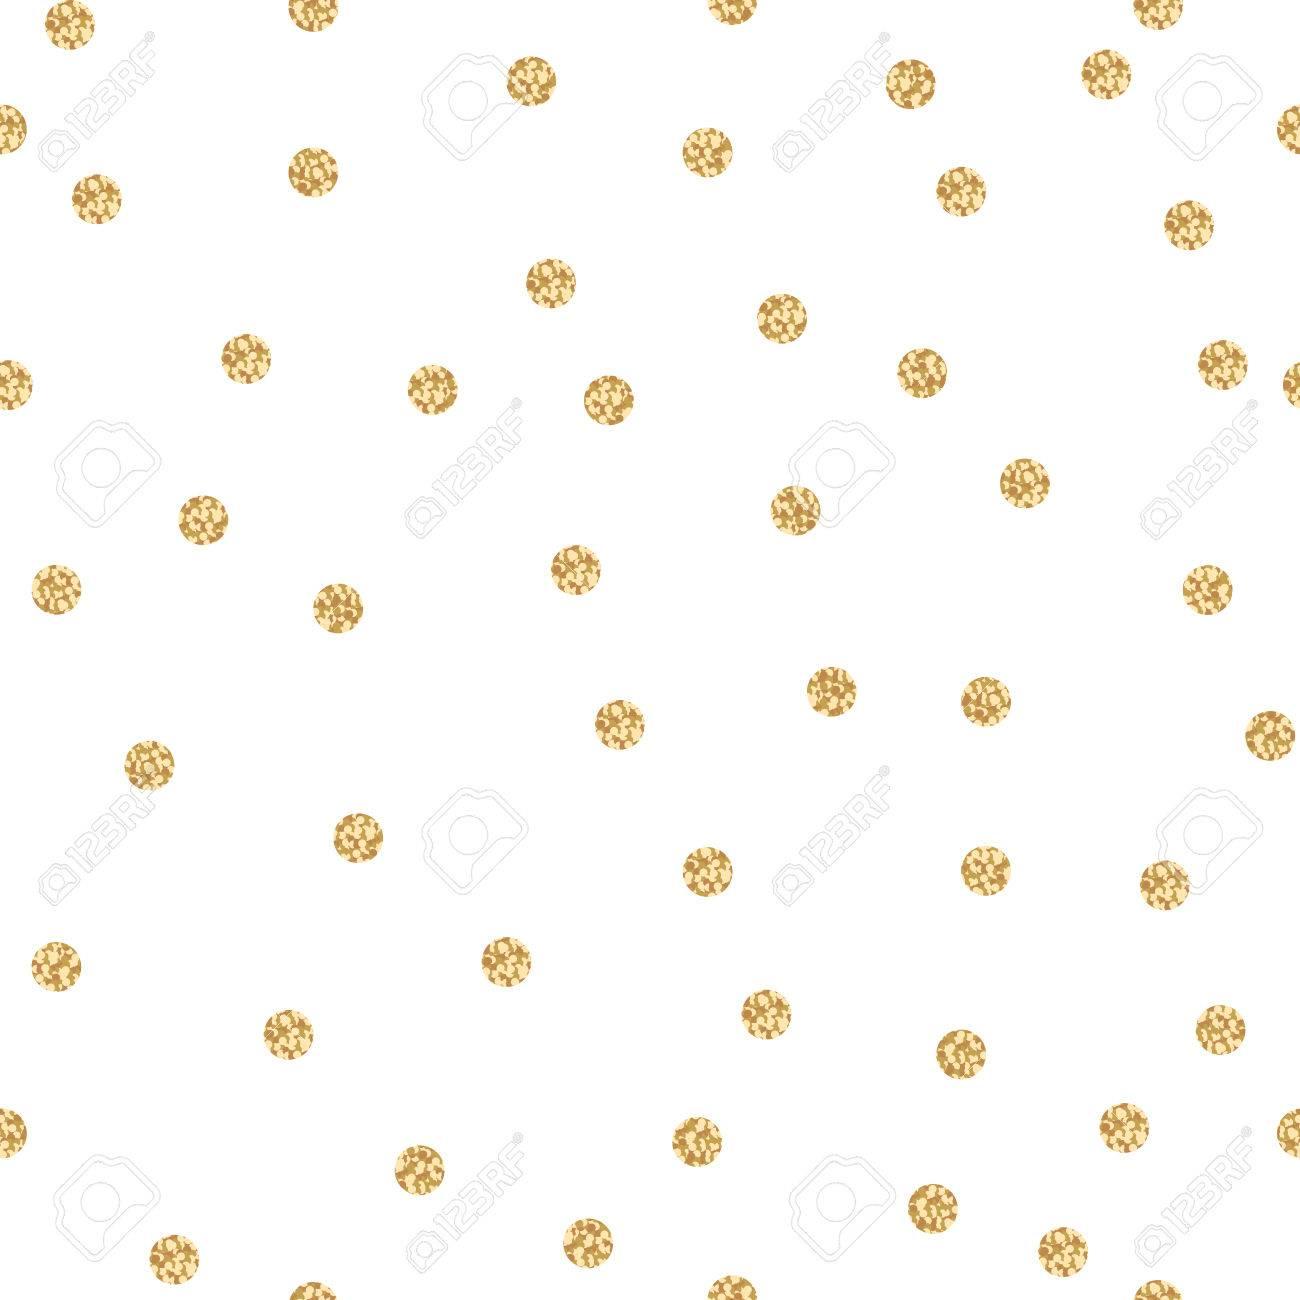 Goldschimmer Glitter Polkapunkt Nahtlose Muster. Vector Folie ...